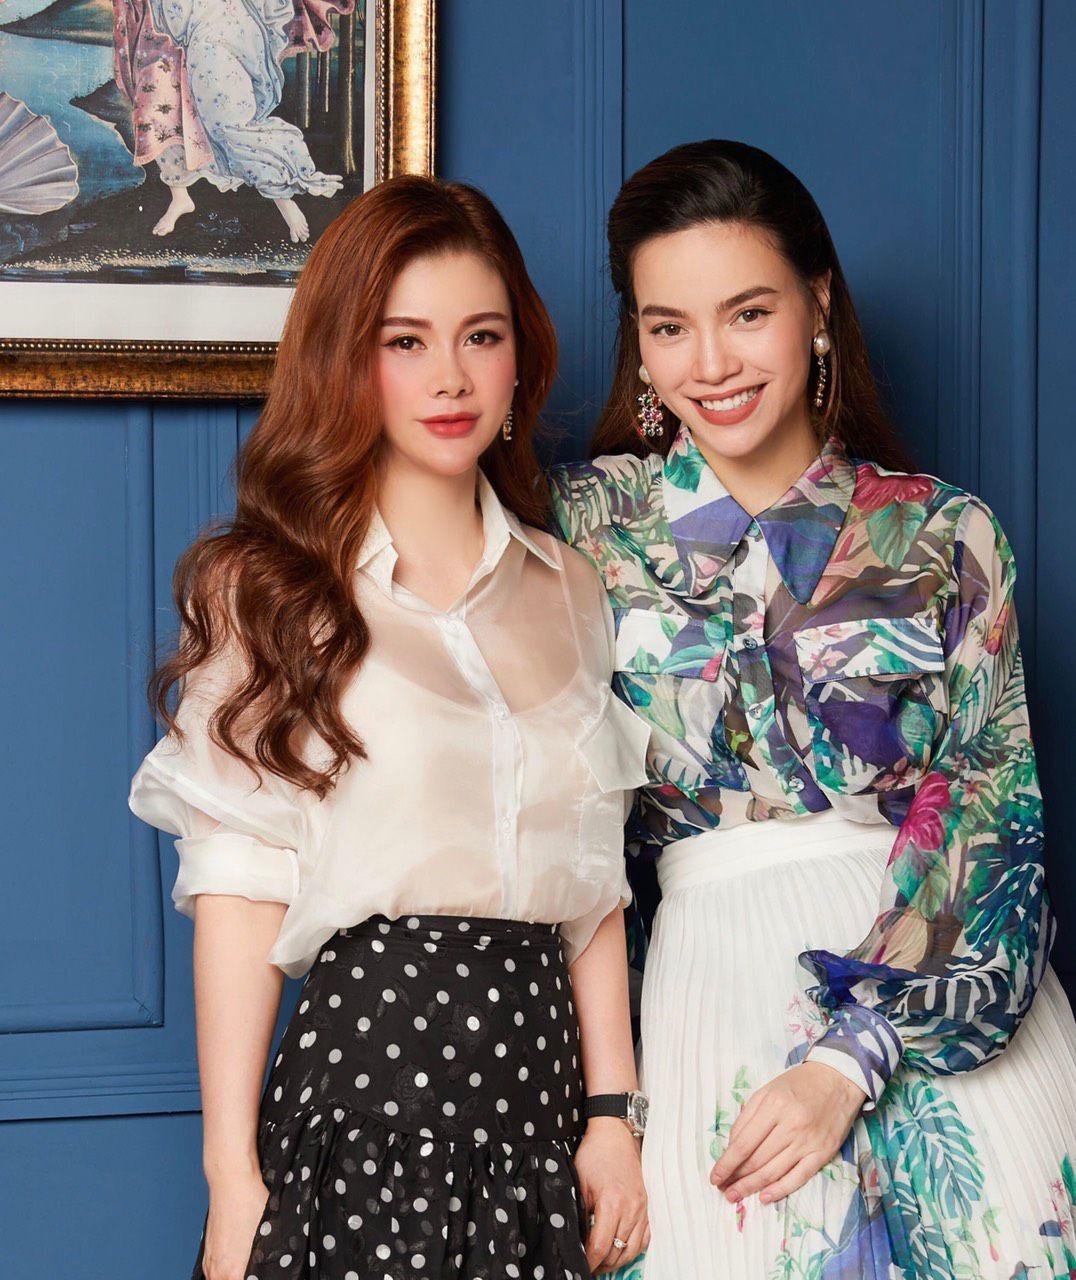 Giám đốc sáng tạo Easter Lily, người mang cảm hứng đến các BST của Neva Fashion